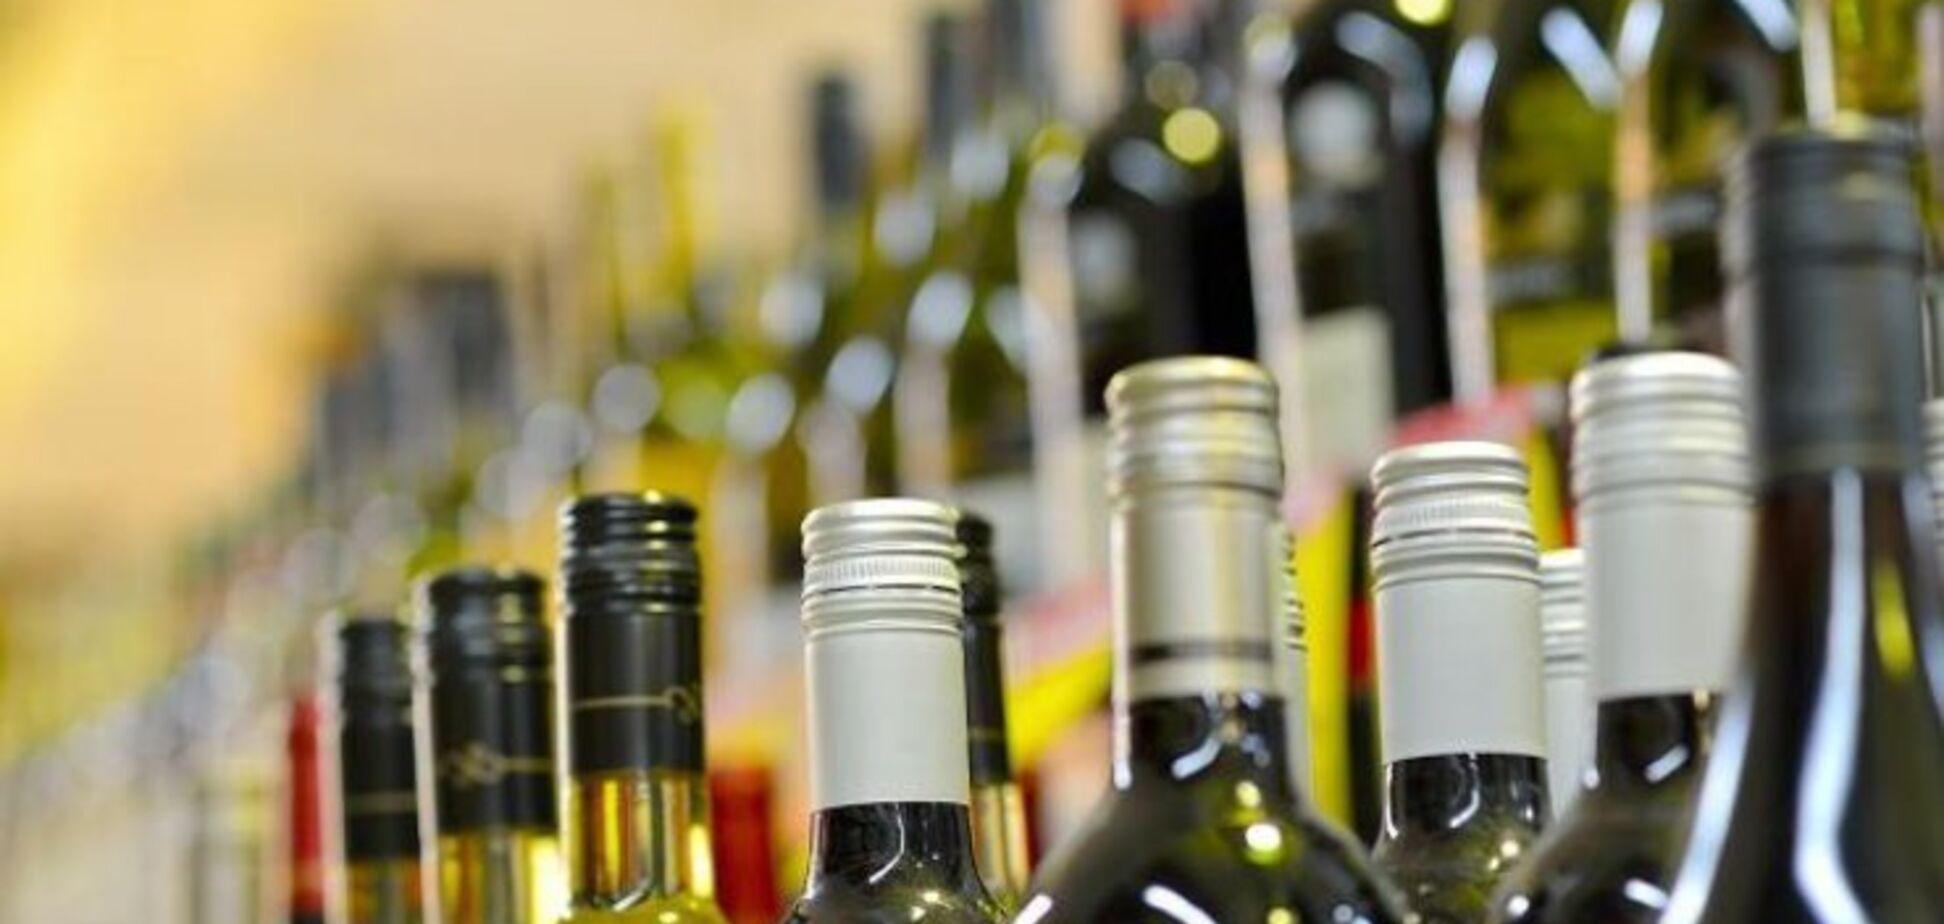 Продажа алкоголя в Киеве: вступило в силу финальное решение КГГА по МАФам